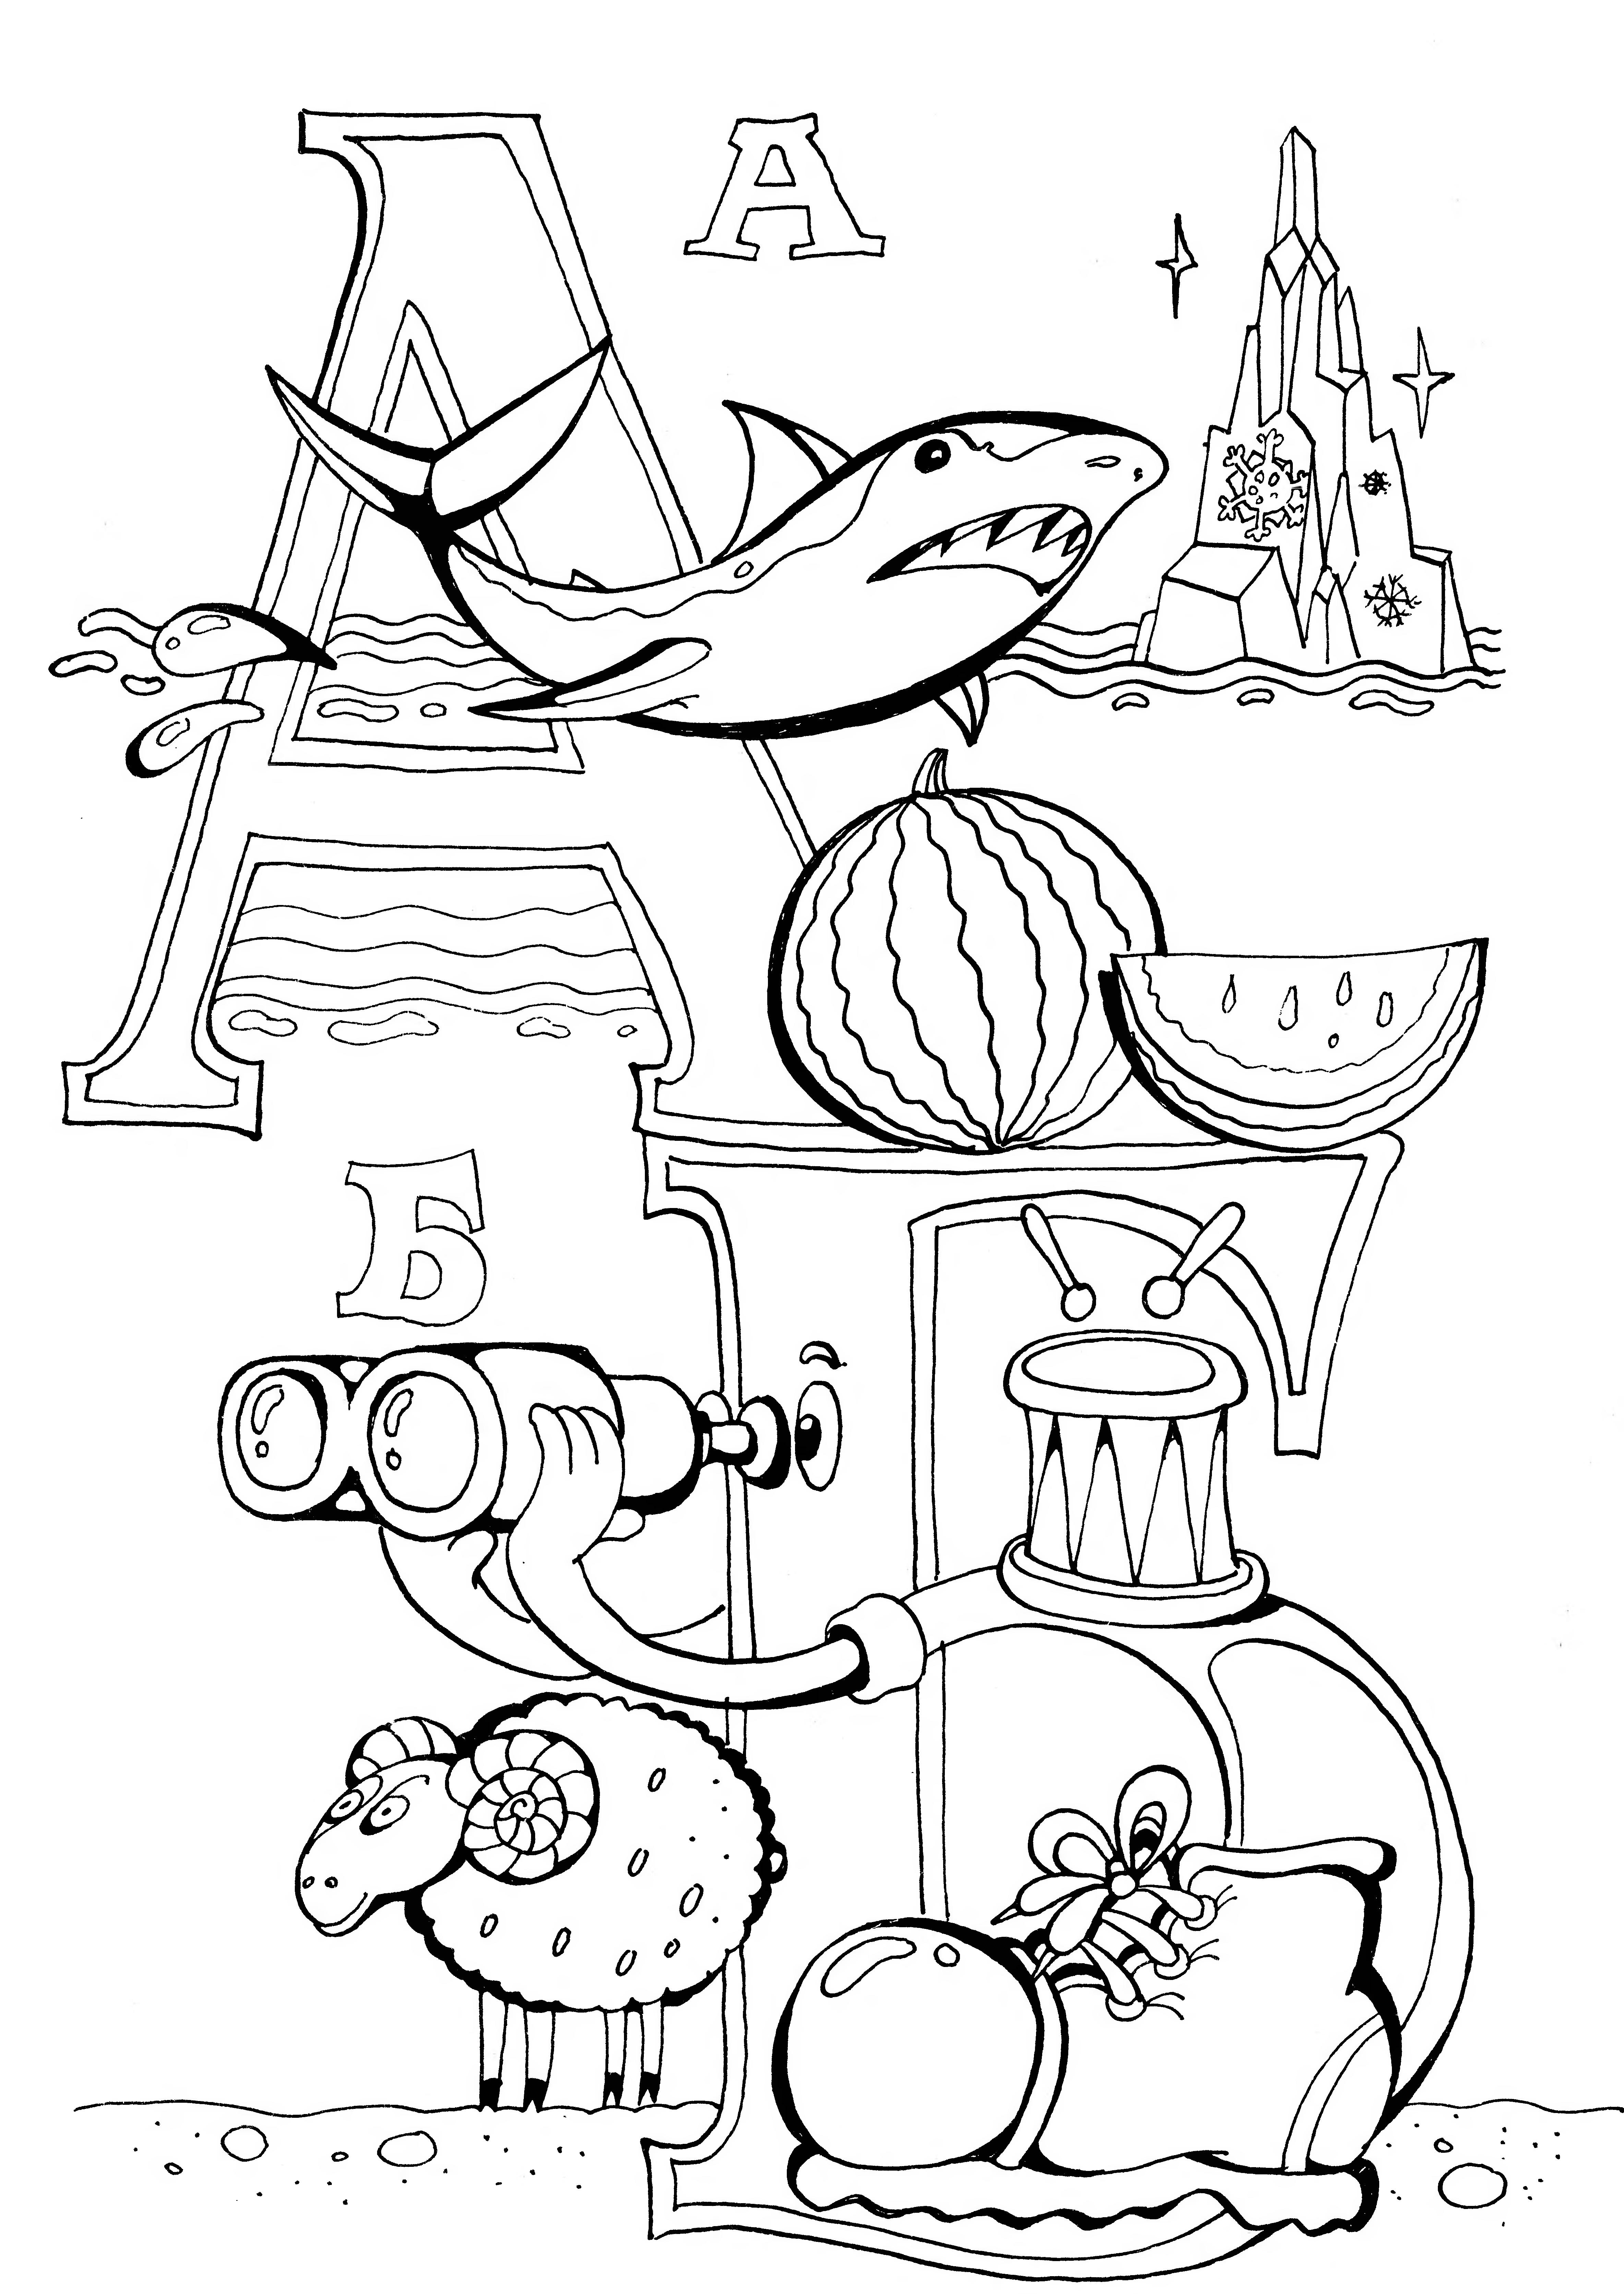 картинки раскраски для сказочной азбуки ответственно подходят своей